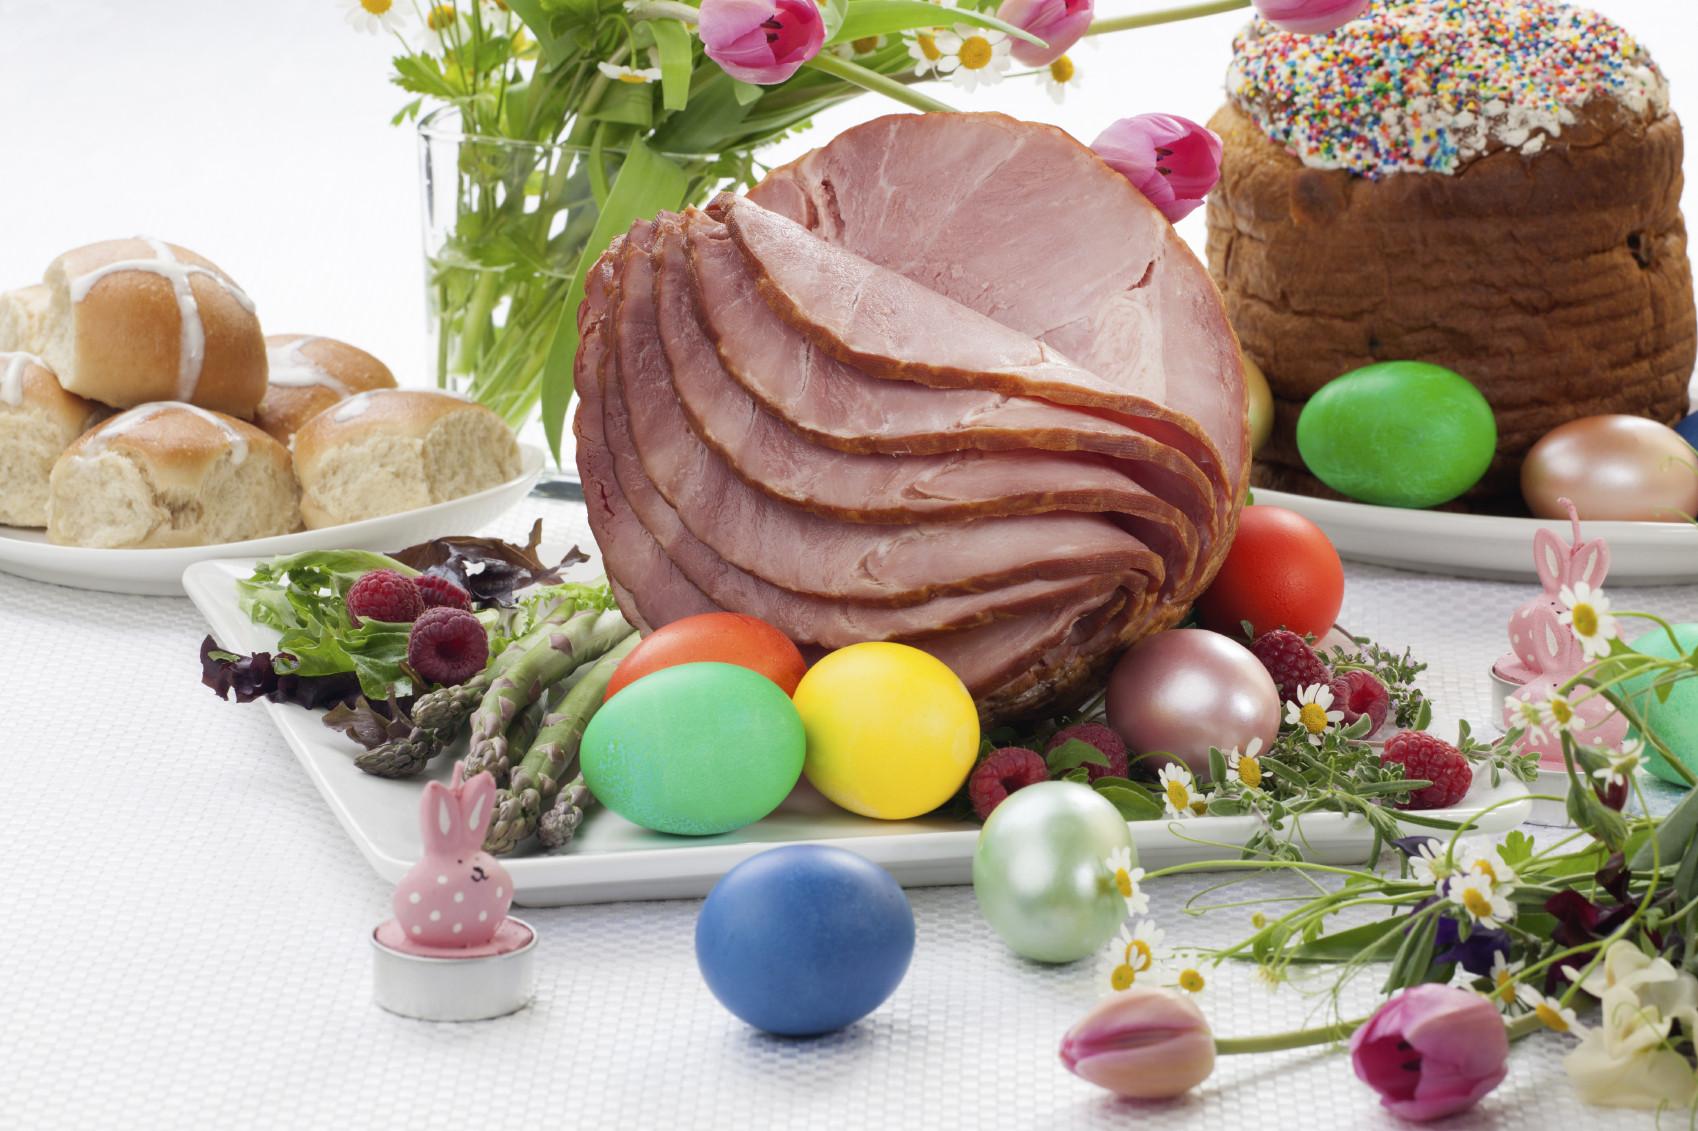 Easter Ham Dinner  Tips For Making An Easter Ham